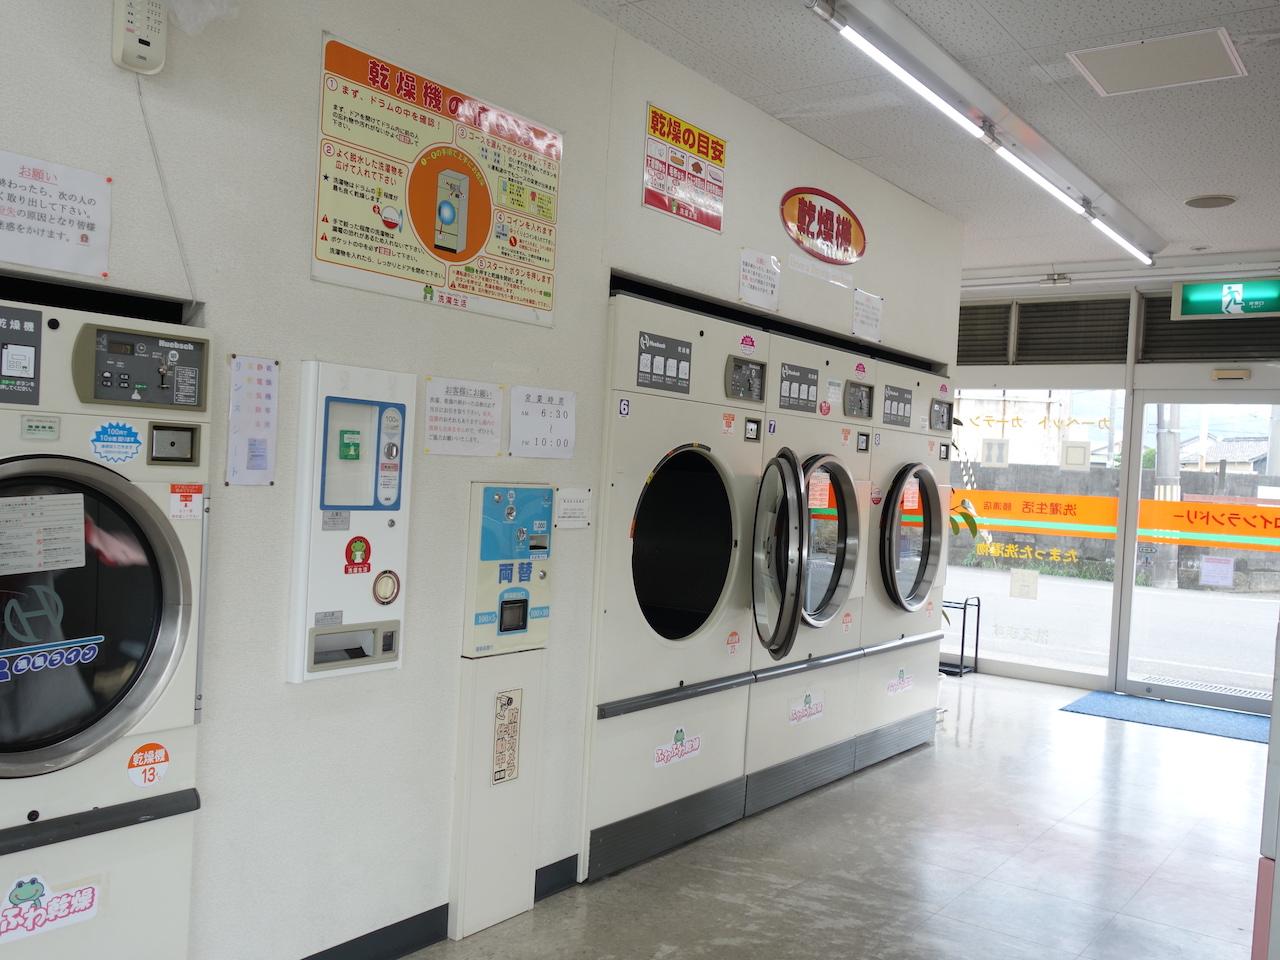 使い方わからん!洗濯生活勝浦店さんで初めてのコインランドリーを体験してきました!